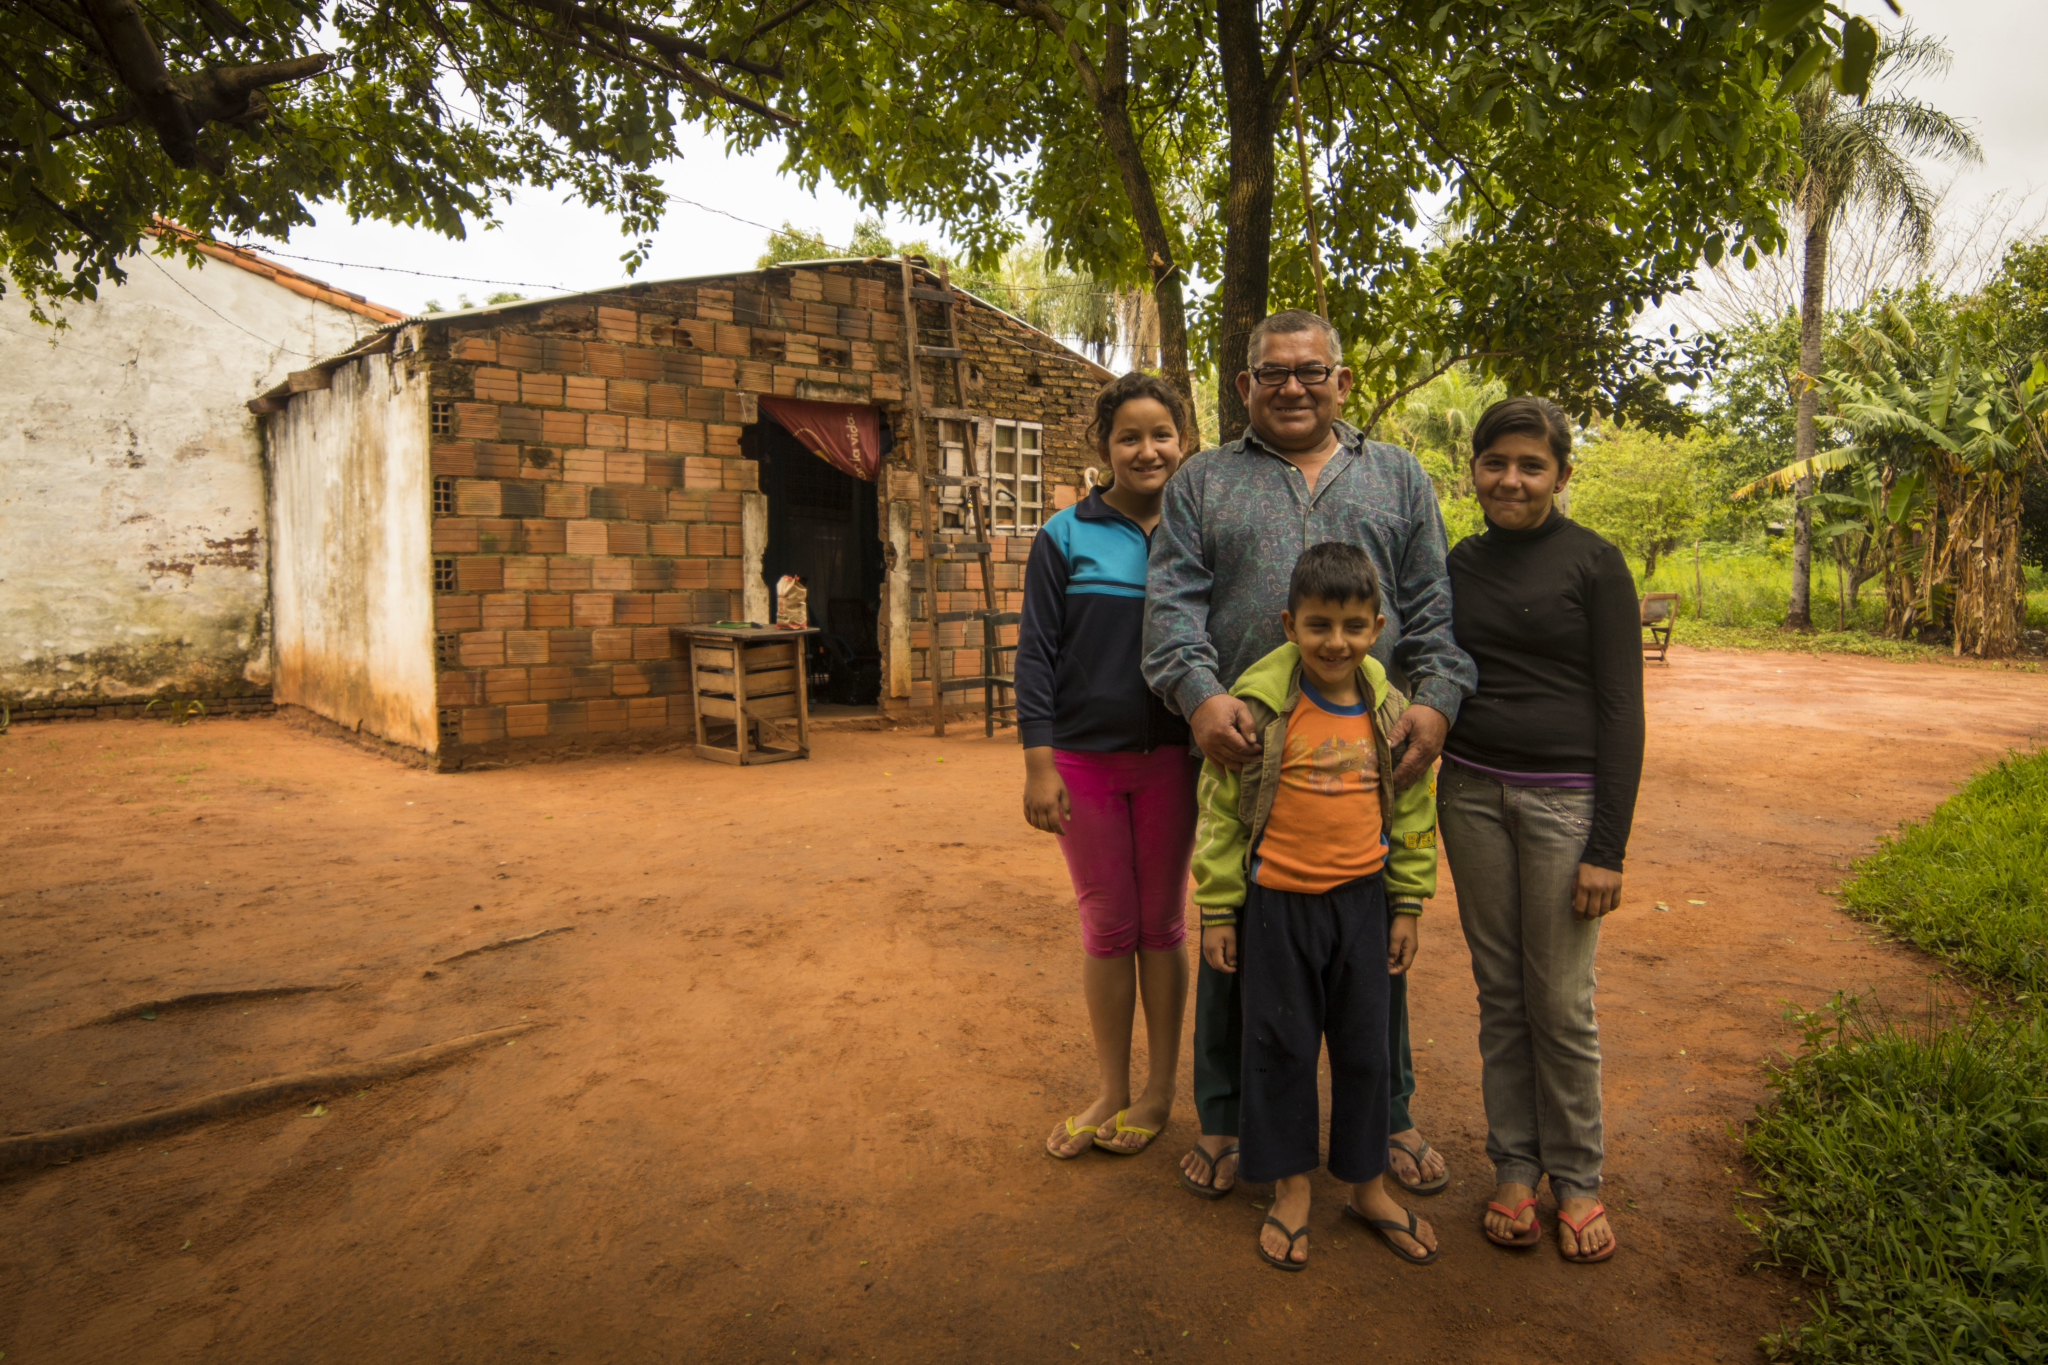 A Stoplight Fights Poverty